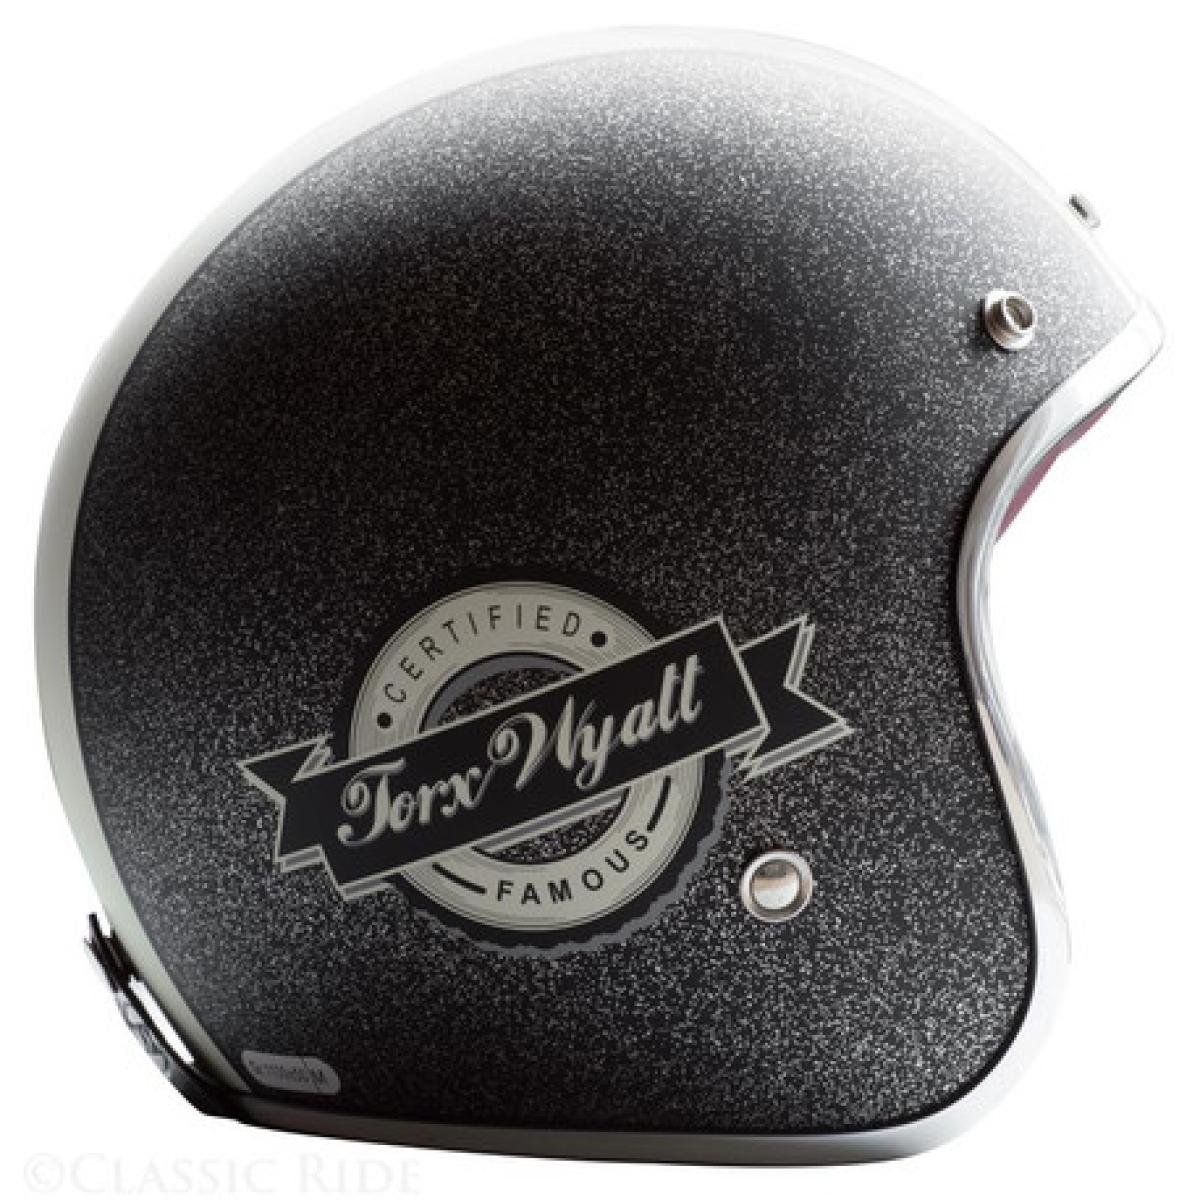 Casque Moto Jet Torx Wyatt Famous Matt Charcoal